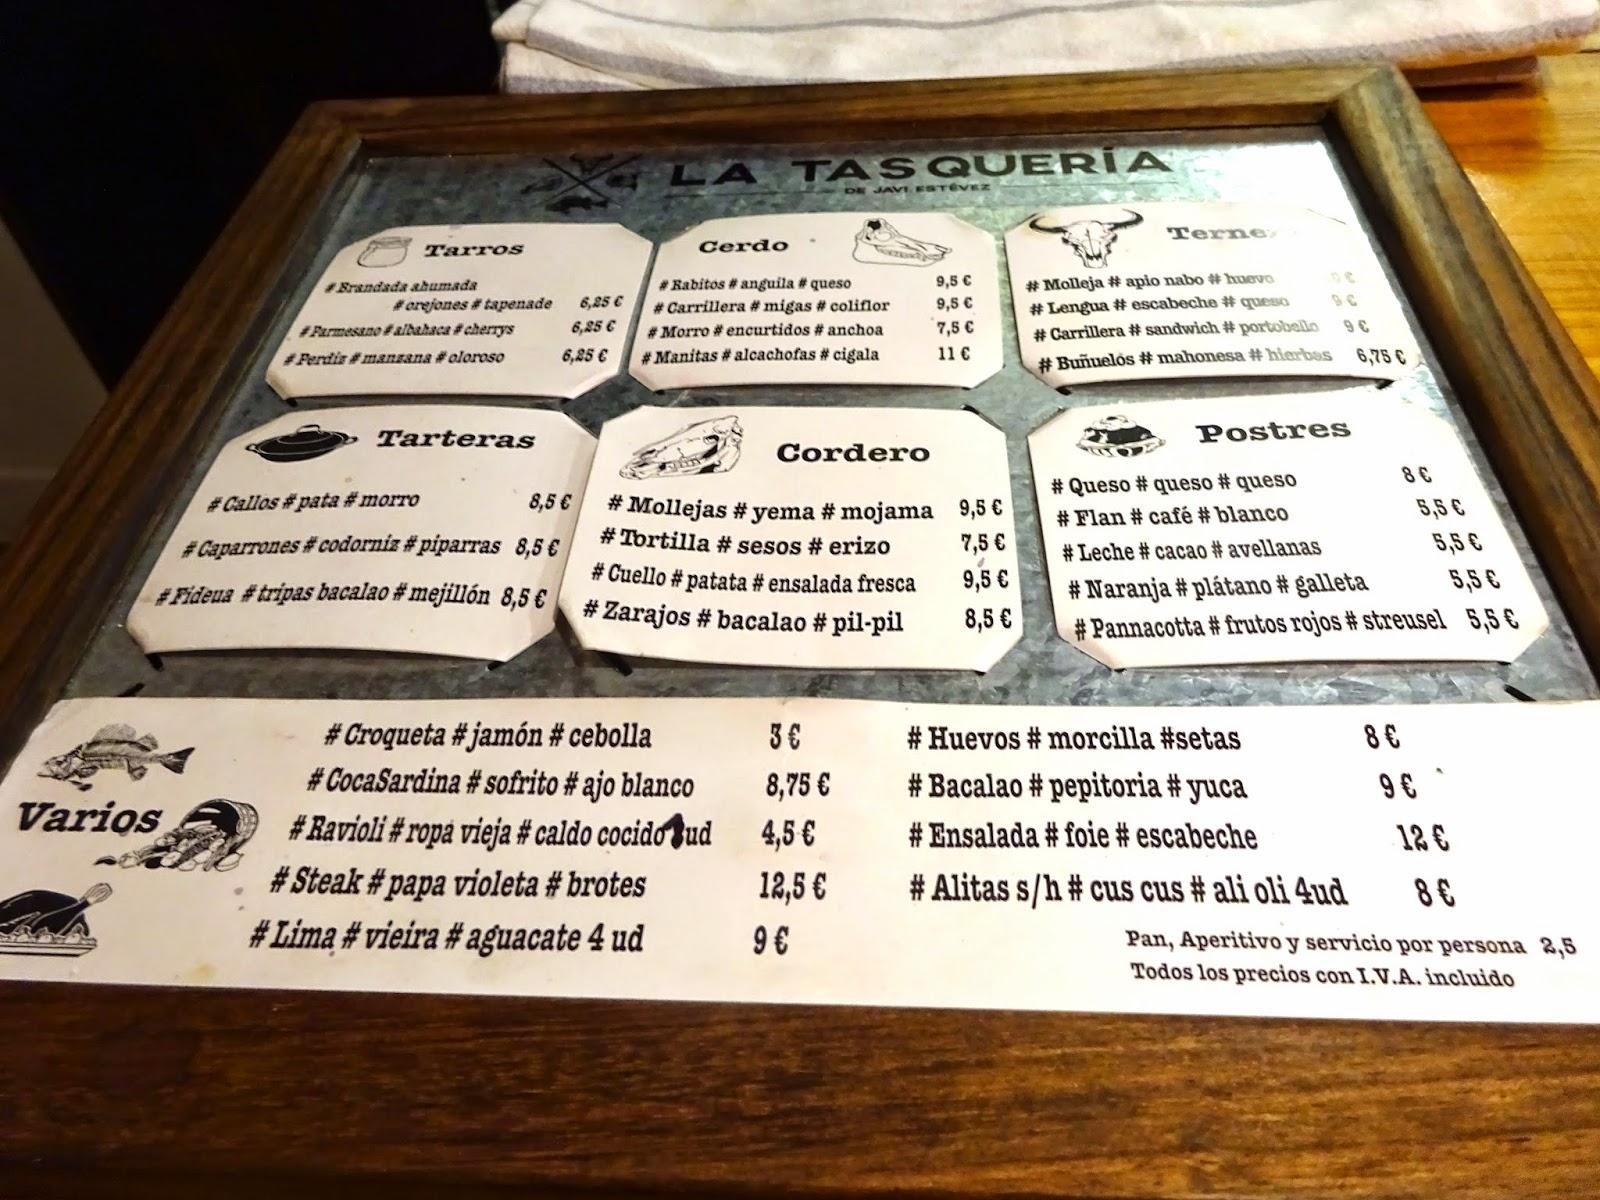 La Tasquería de Javi Estévez Madrid Duque de Sesto 48 Madrid Tasca Casquería Restaurante Barrio Salamanca Callos Carrilleras Mollejas top chef tapas Retiro Castizo estamostendenciados